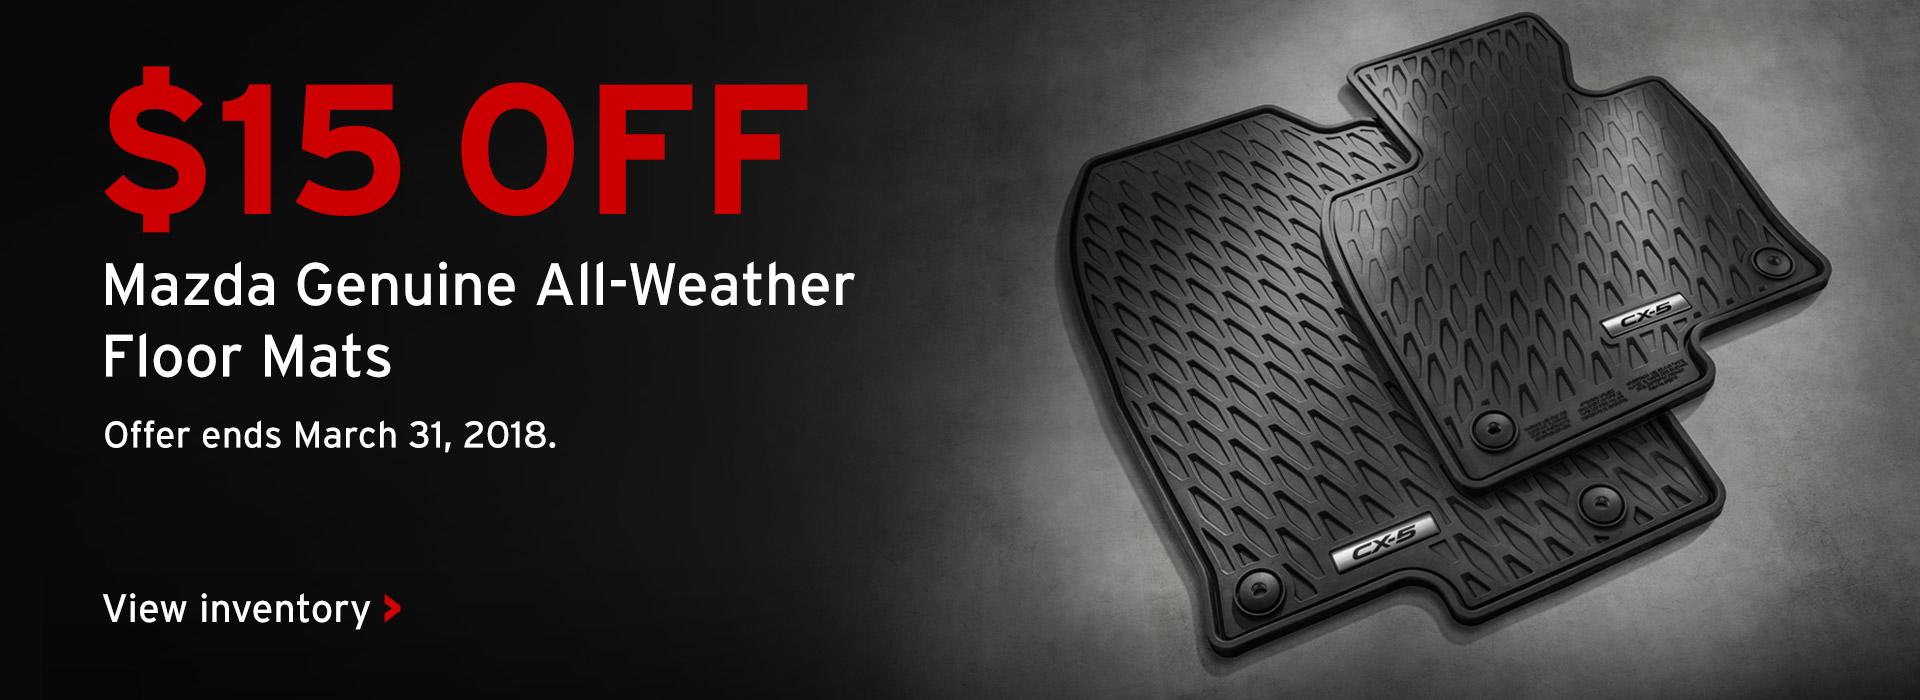 $15 off all weather floor mats